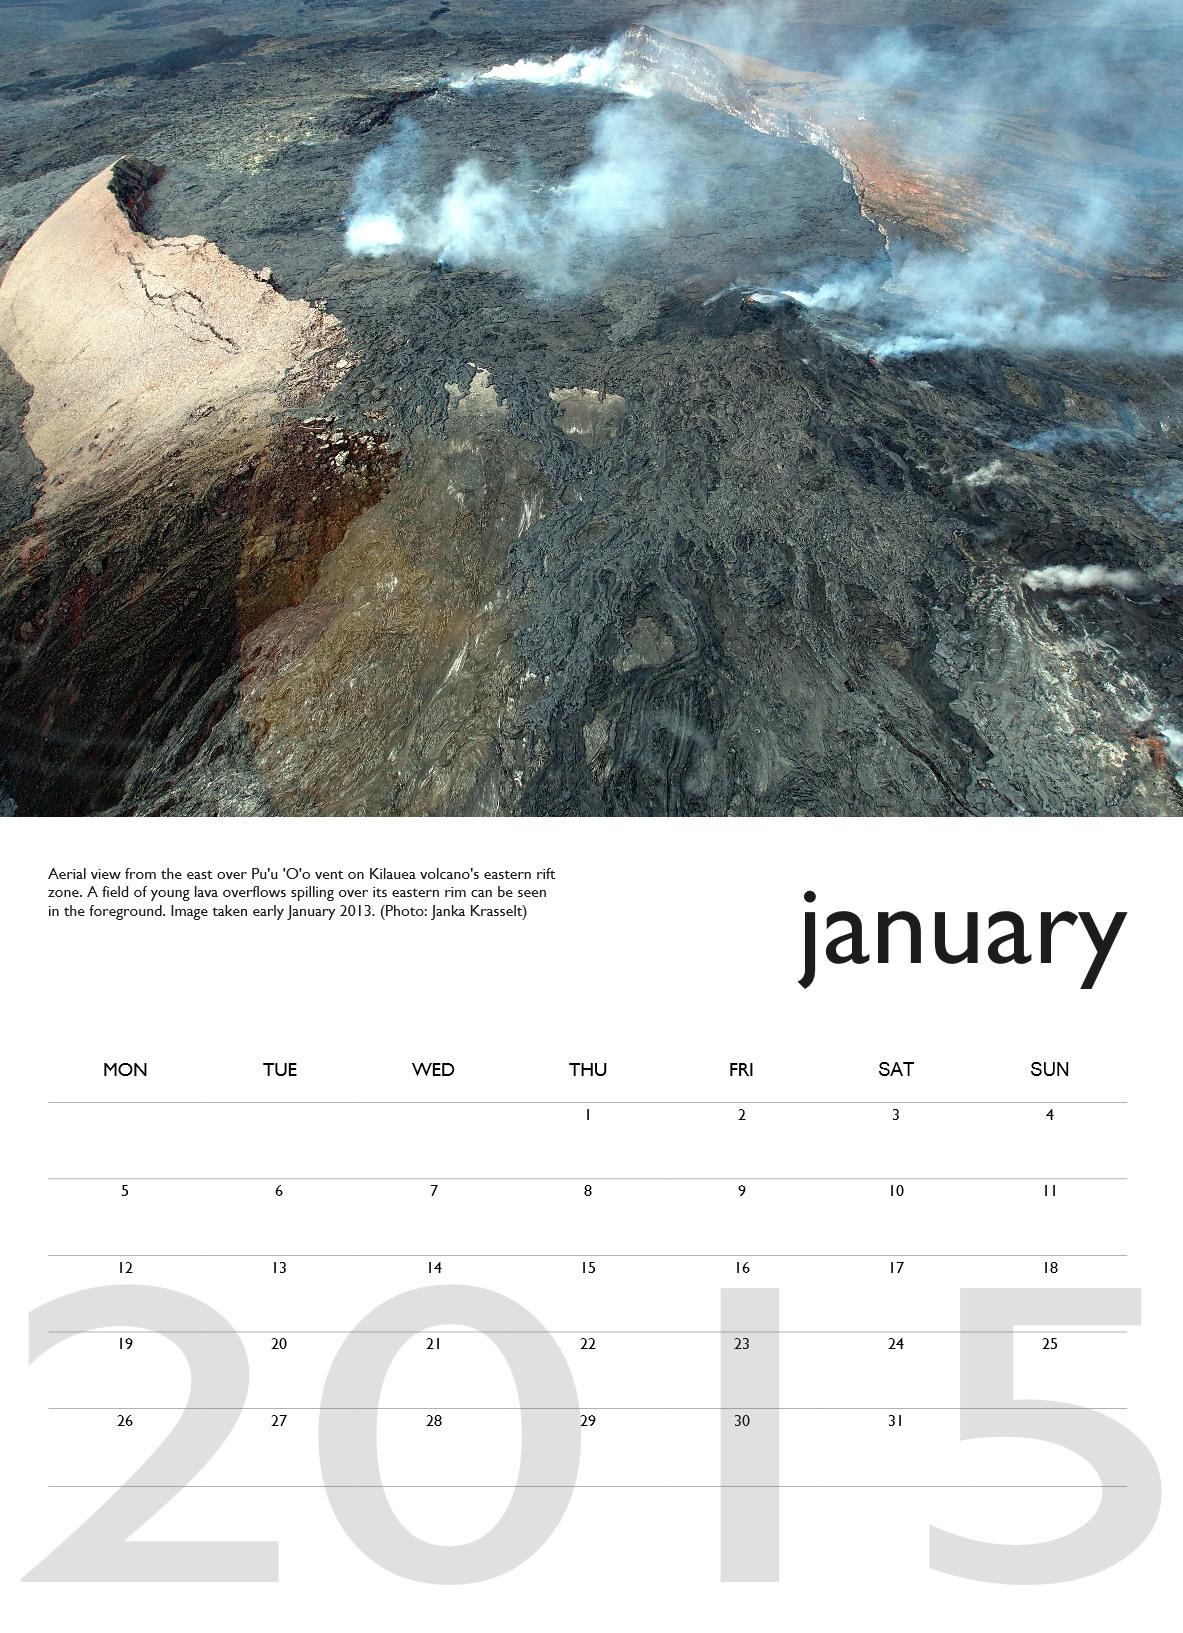 Volcano calendar 2015 - January preview